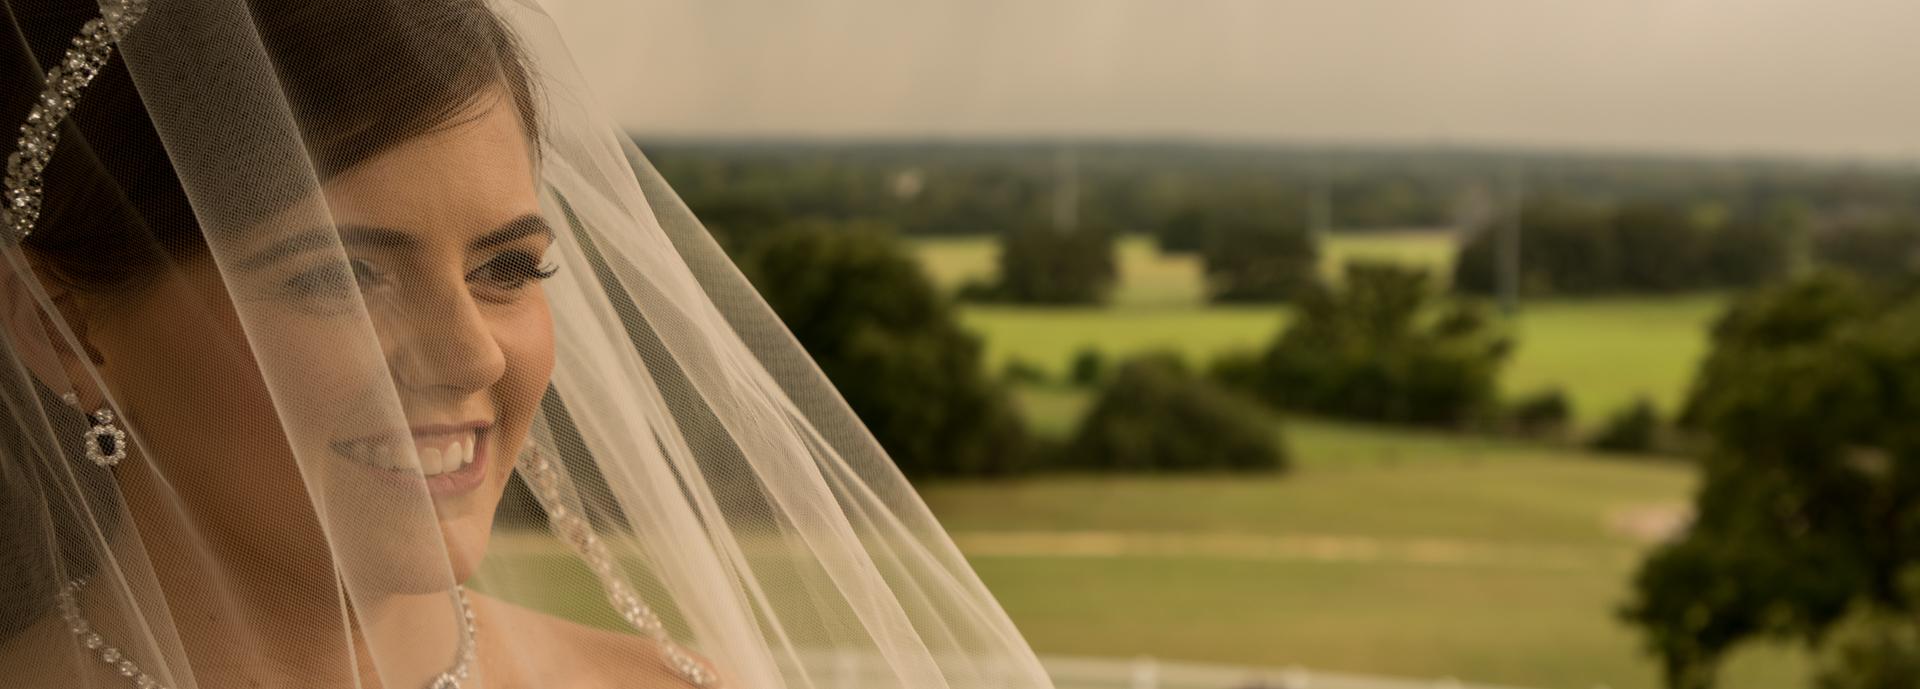 Audra's Bridal Film